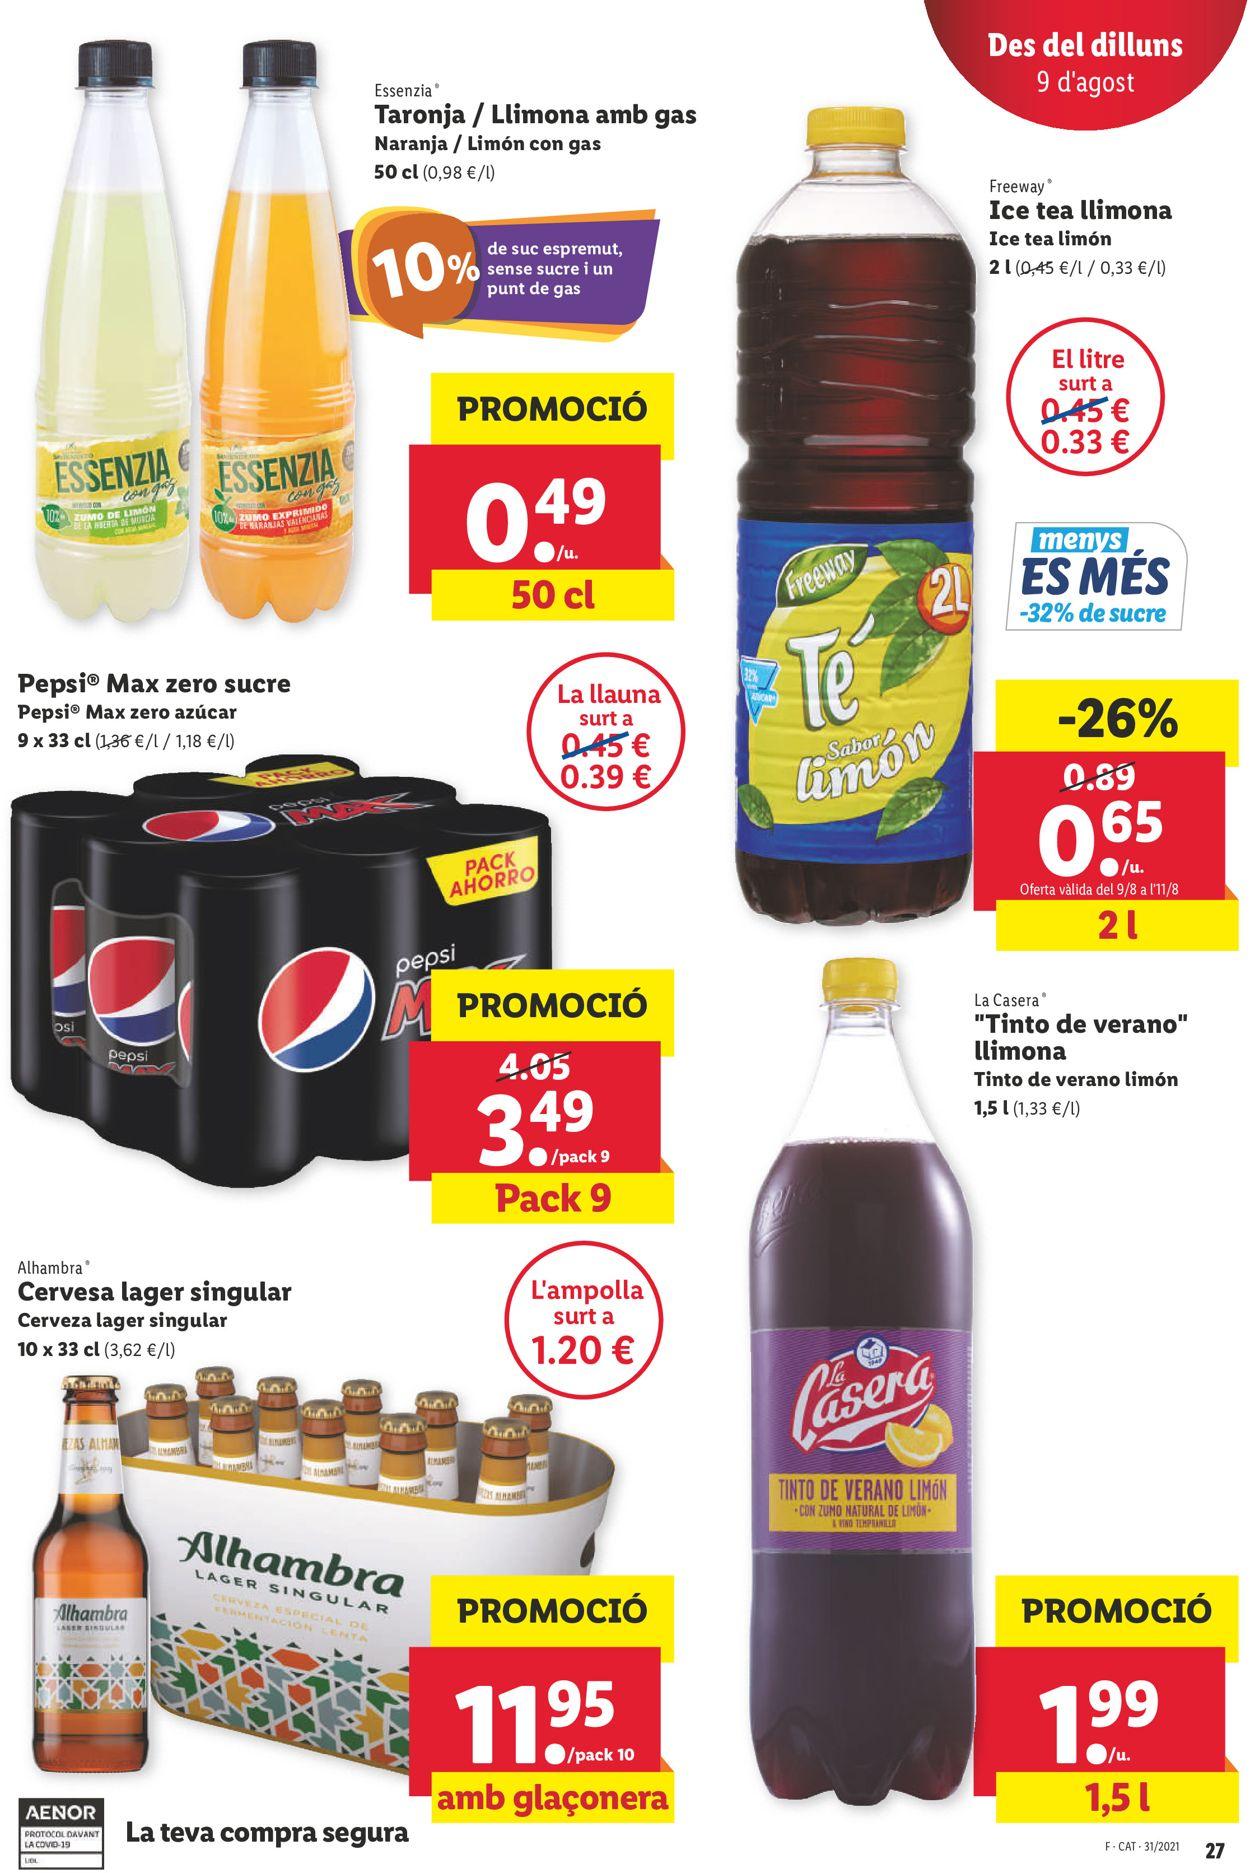 Lidl Folleto - 05.08-11.08.2021 (Página 27)